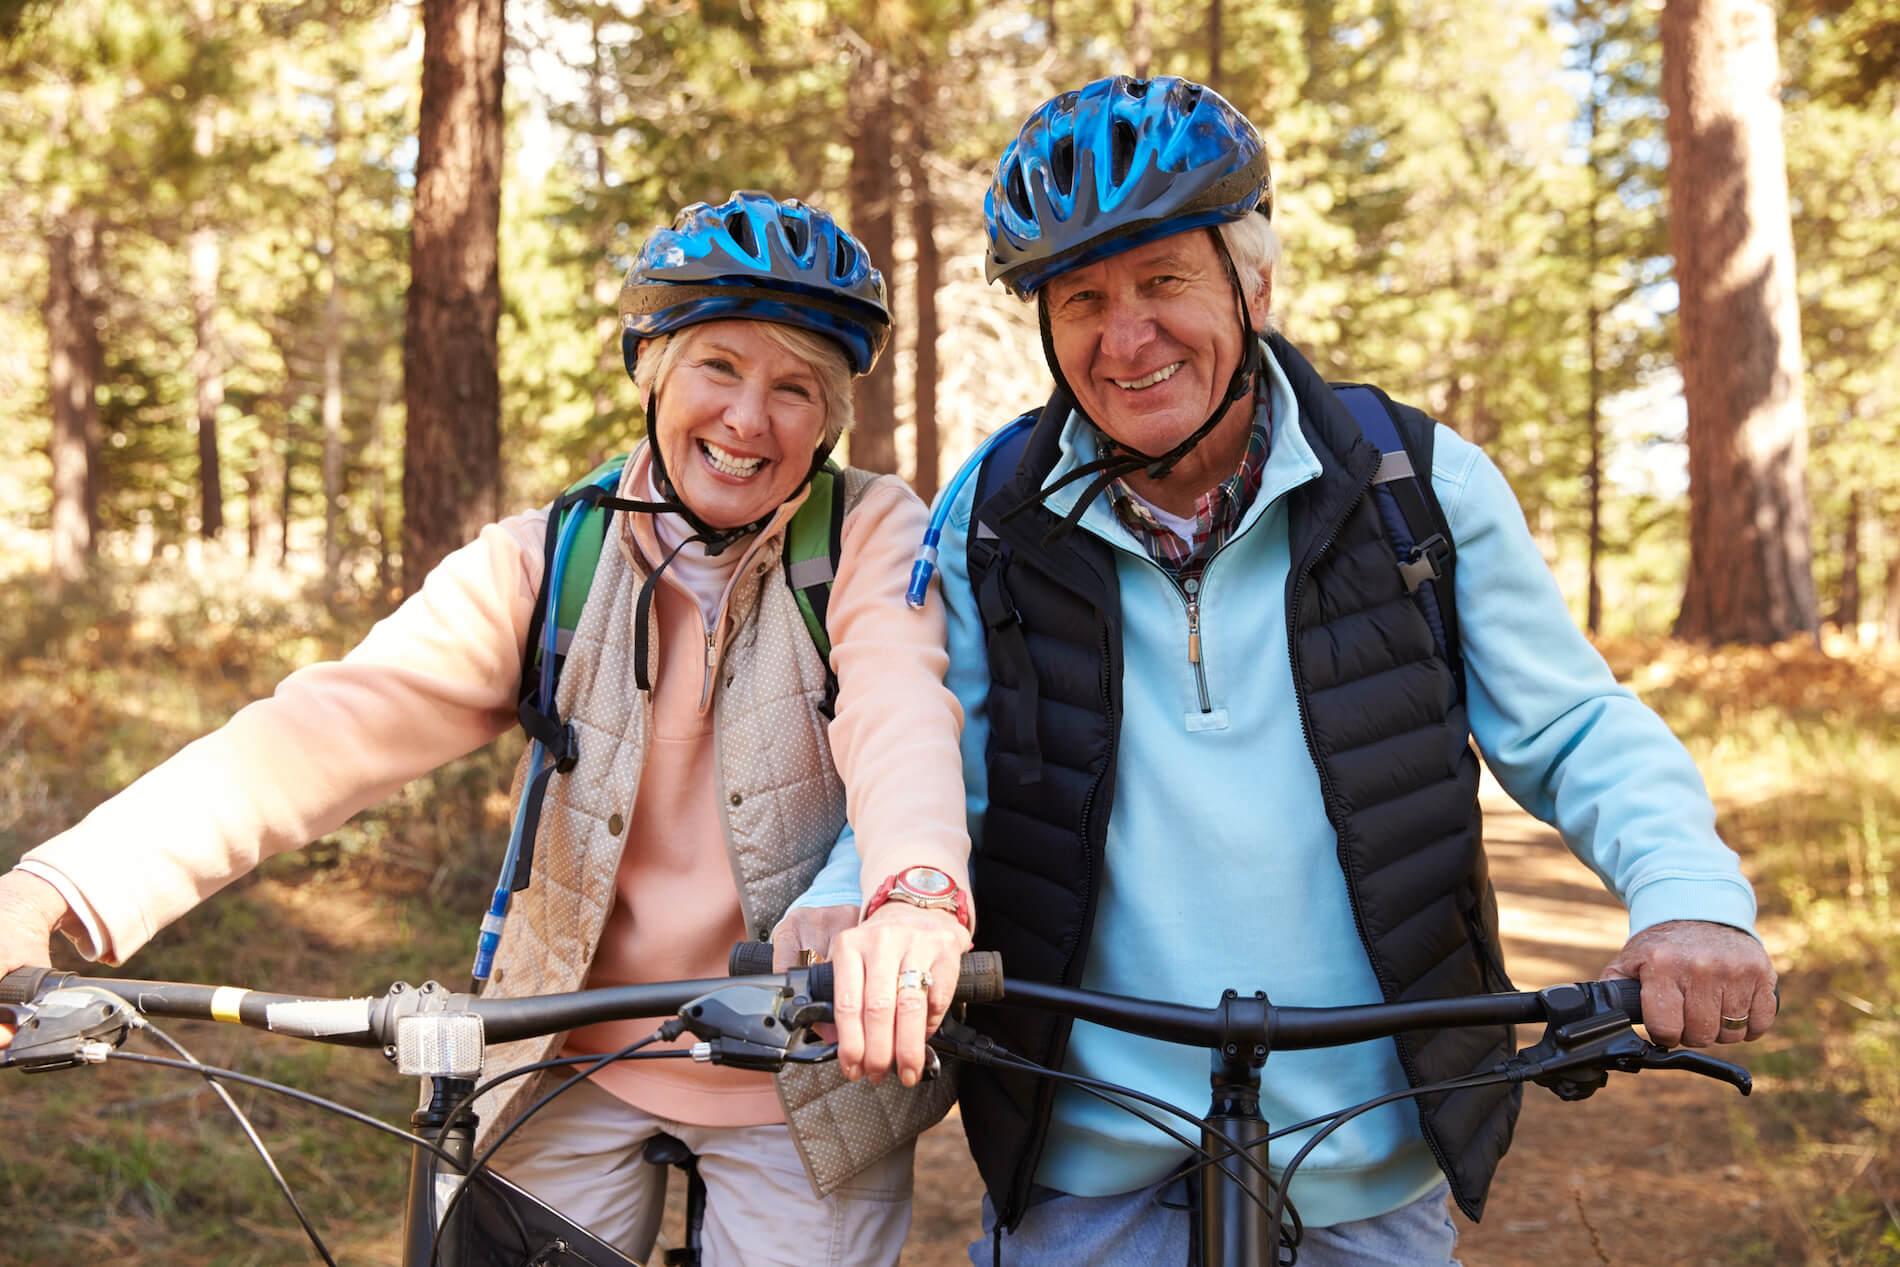 retired couple enjoying life